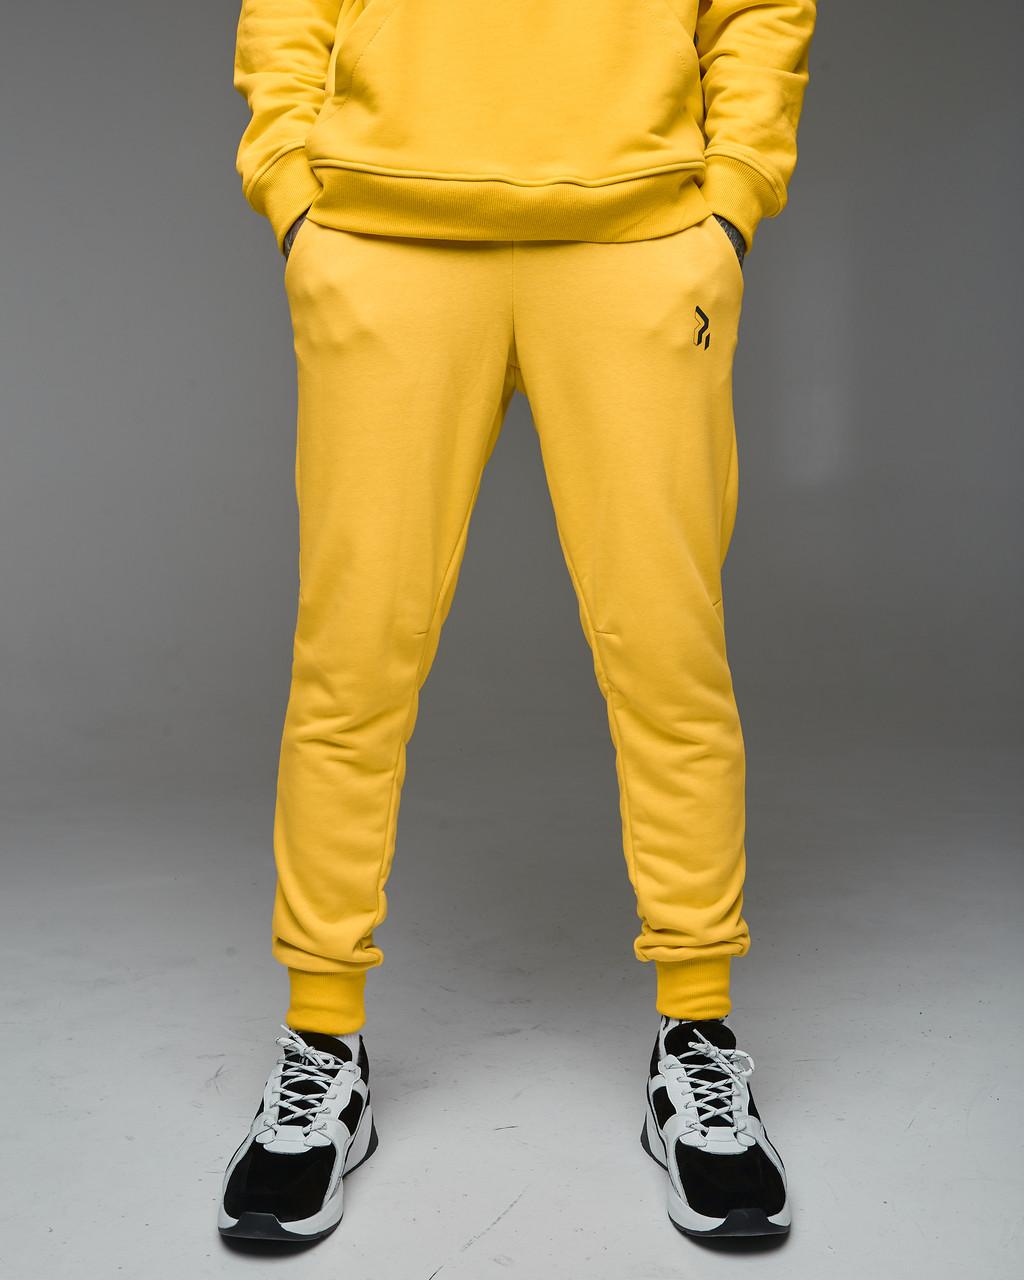 Cпортивные штаны Пушка Огонь Jog 2.0 желтые